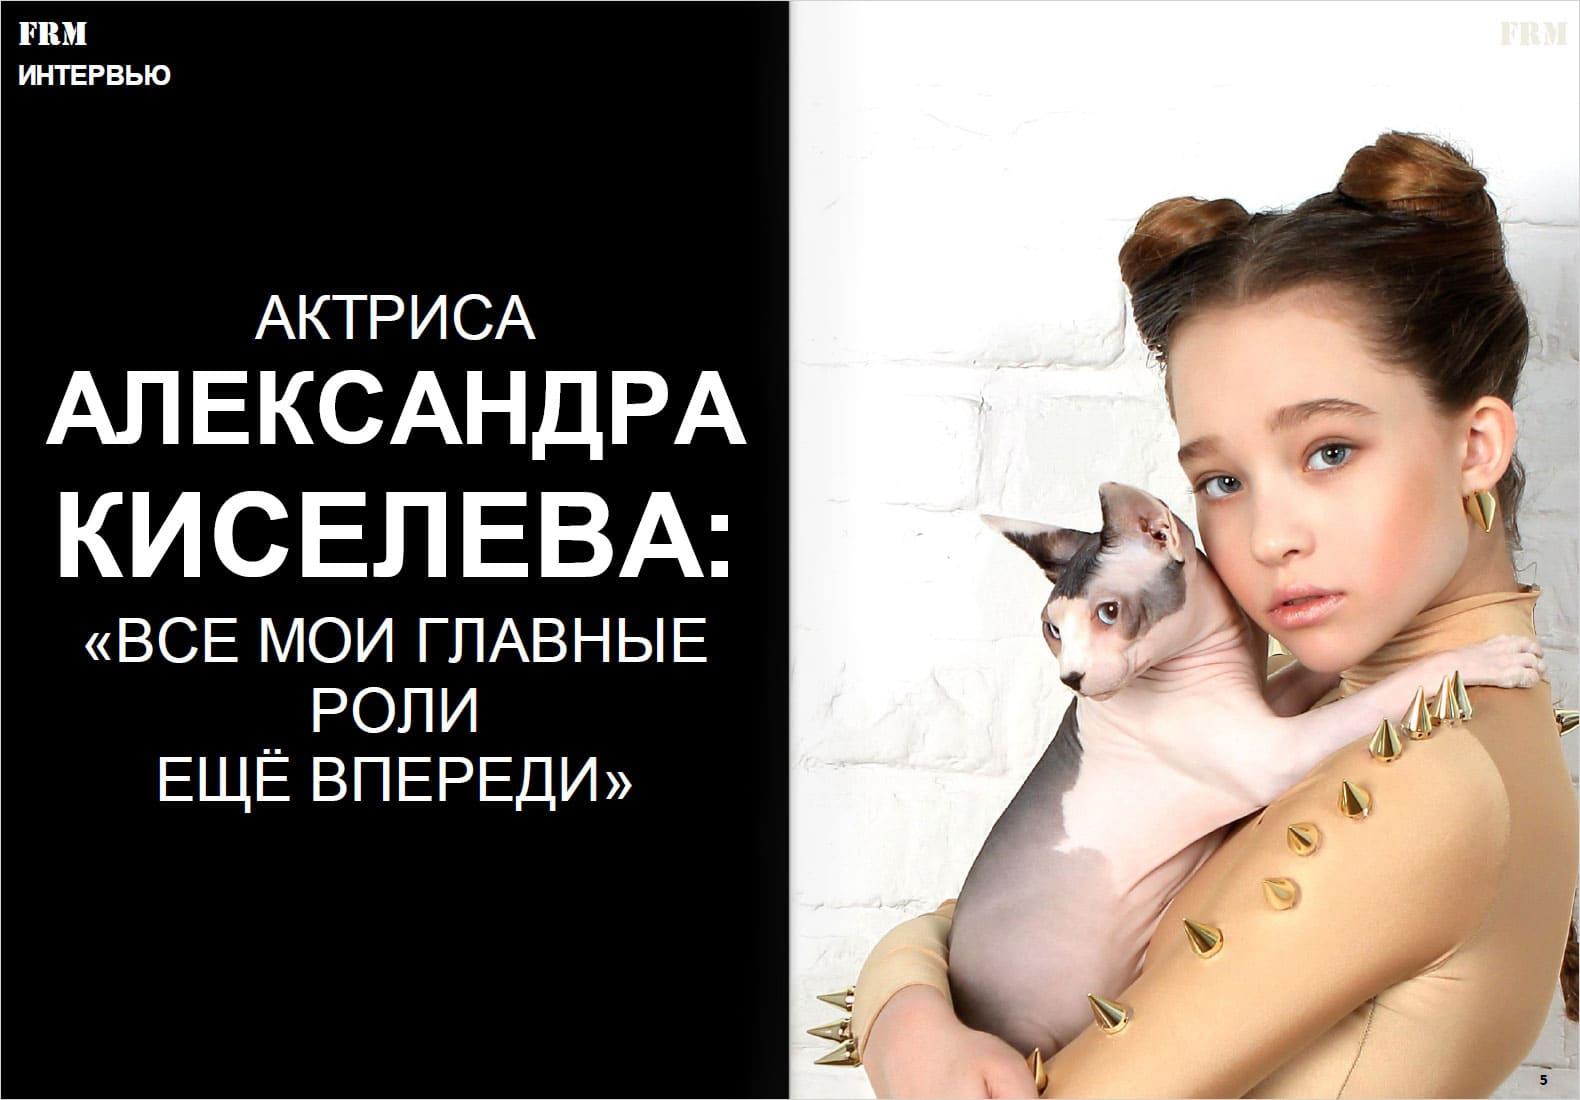 Саша Киселёва